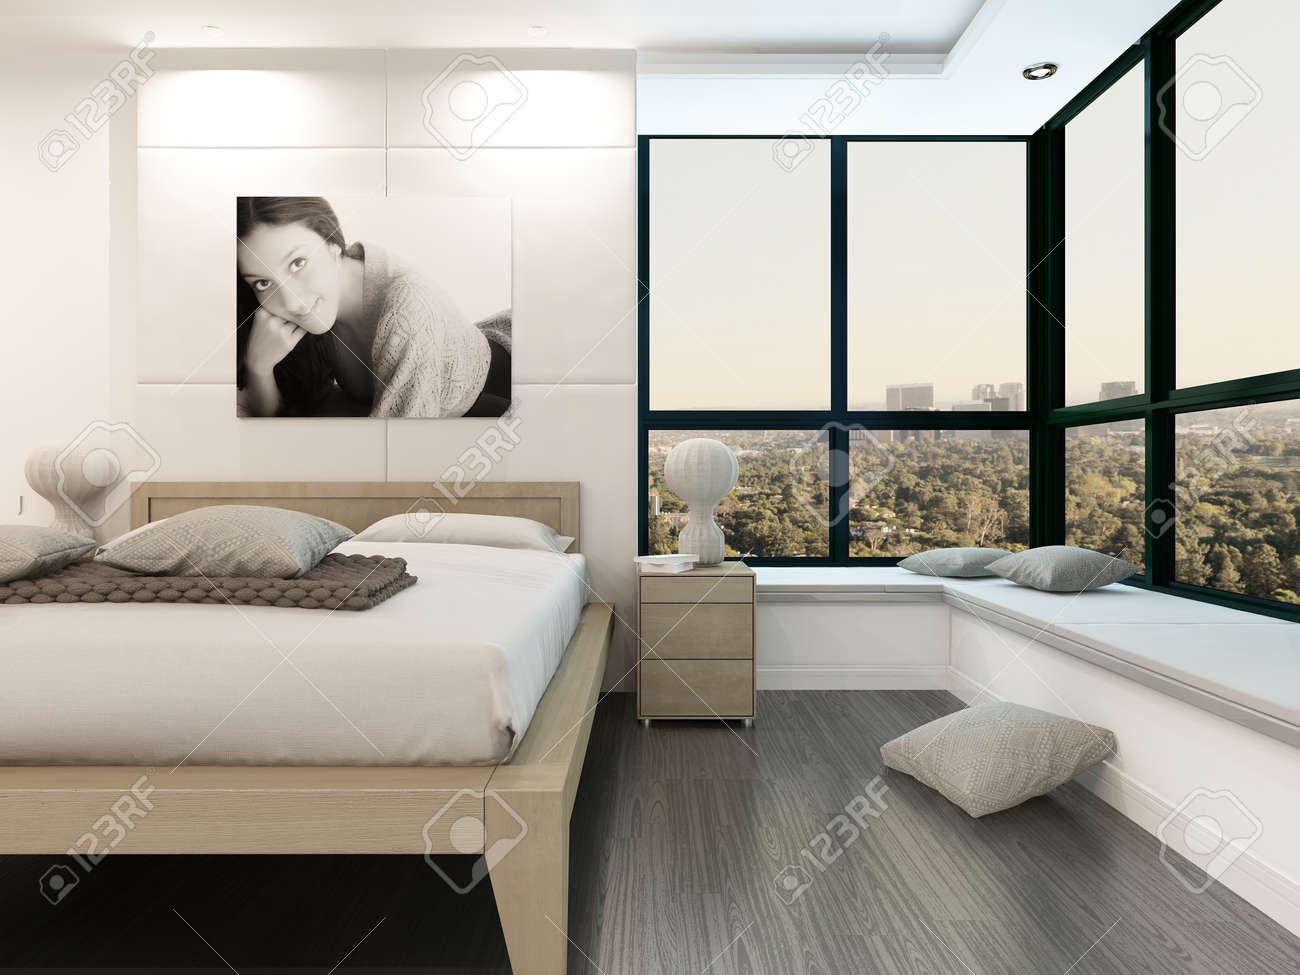 Interior Cómodo Dormitorio Con Cama De Madera Y Retrato De La Chica ...